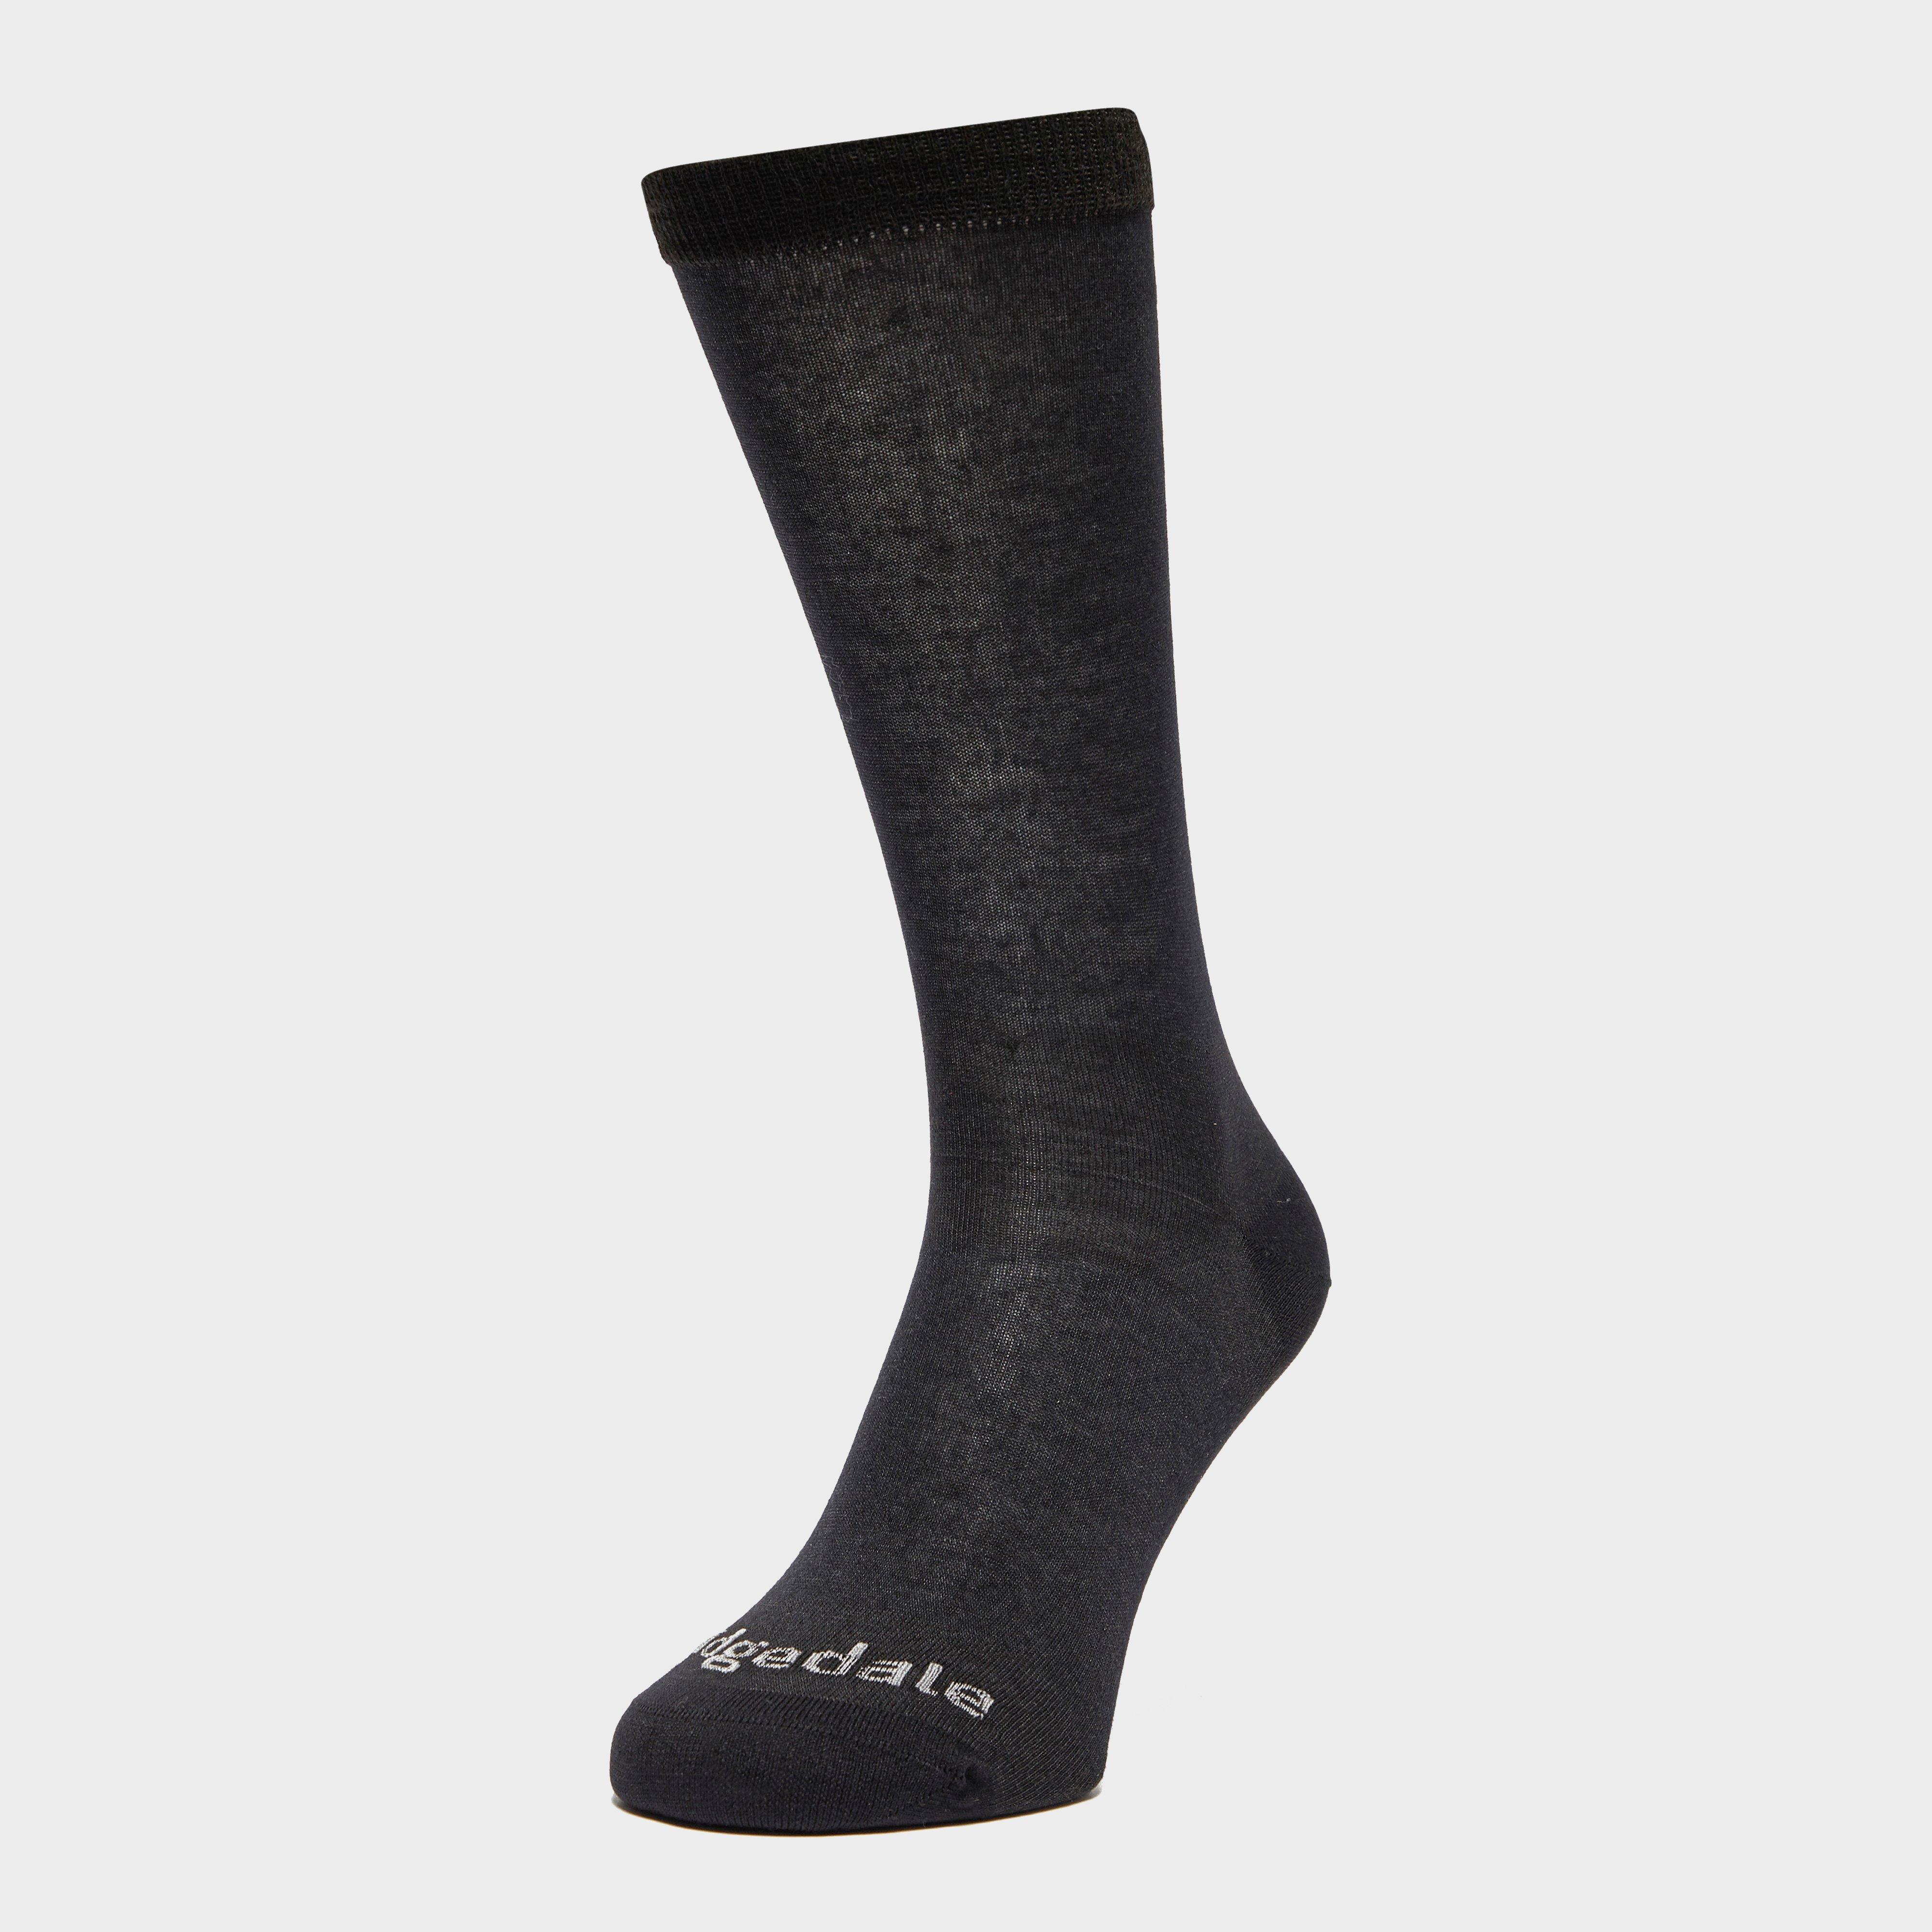 Bridgedale Bridgedale Mens Coolmax Sock Liner Twin Pack - Black, Black